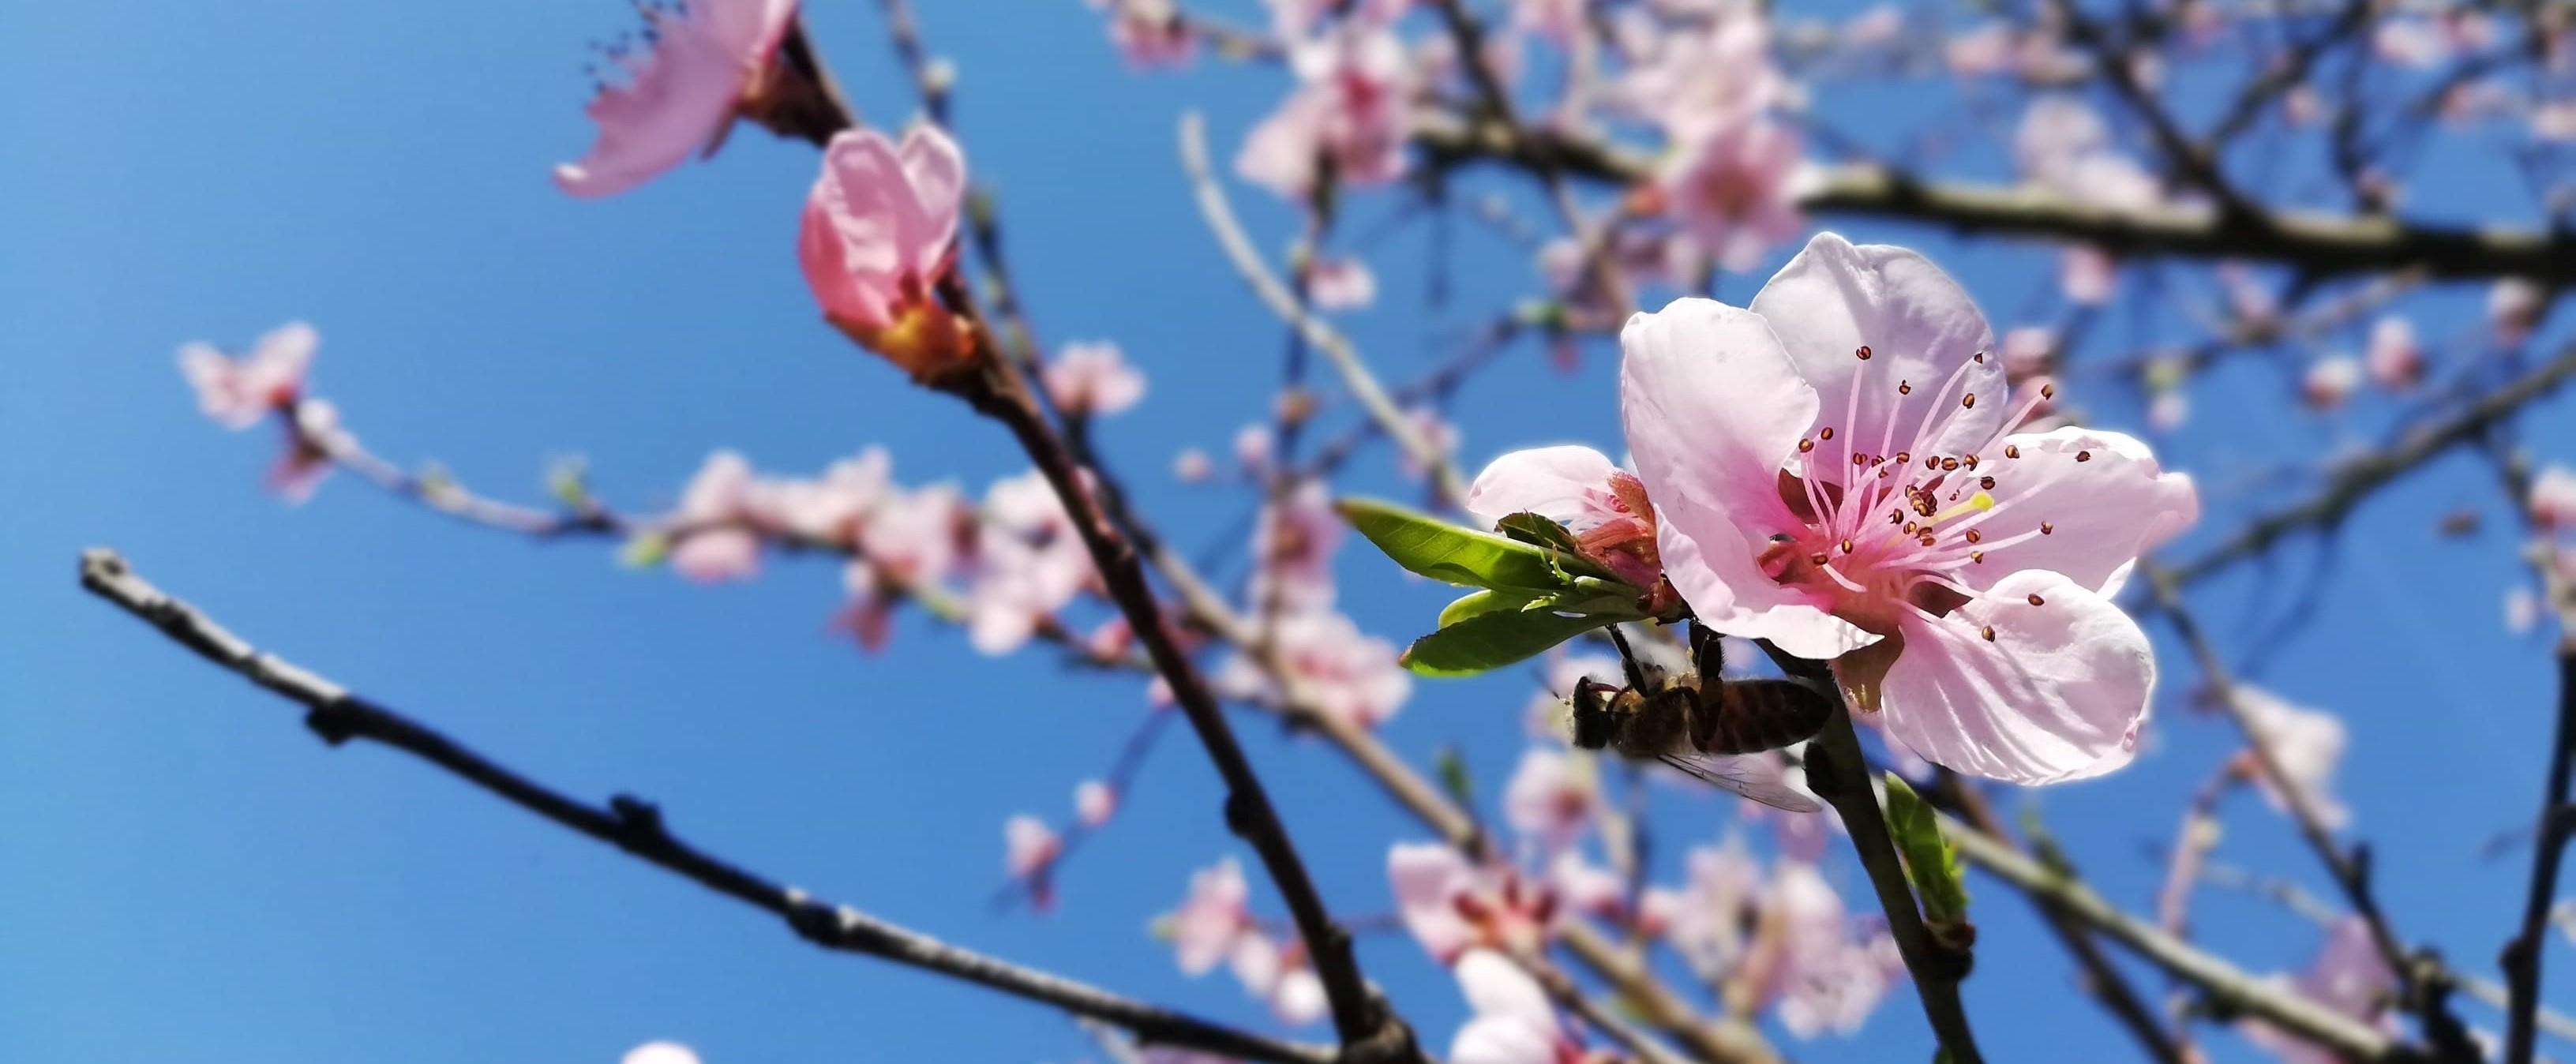 Zdjęcie kwitnącego drzewa brzoskwini.